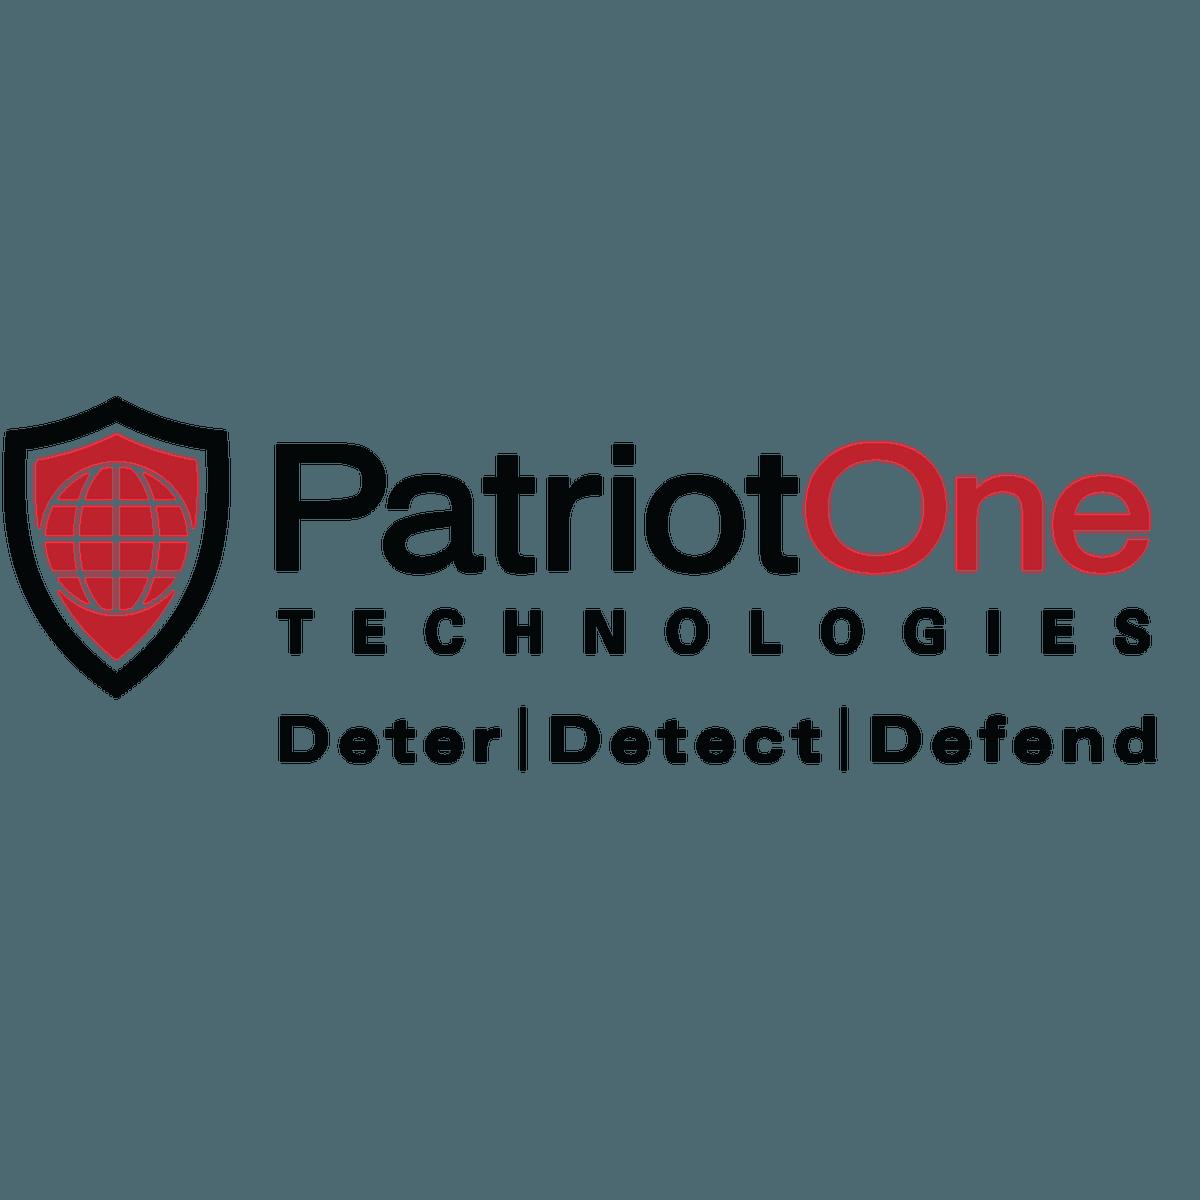 Patriot One